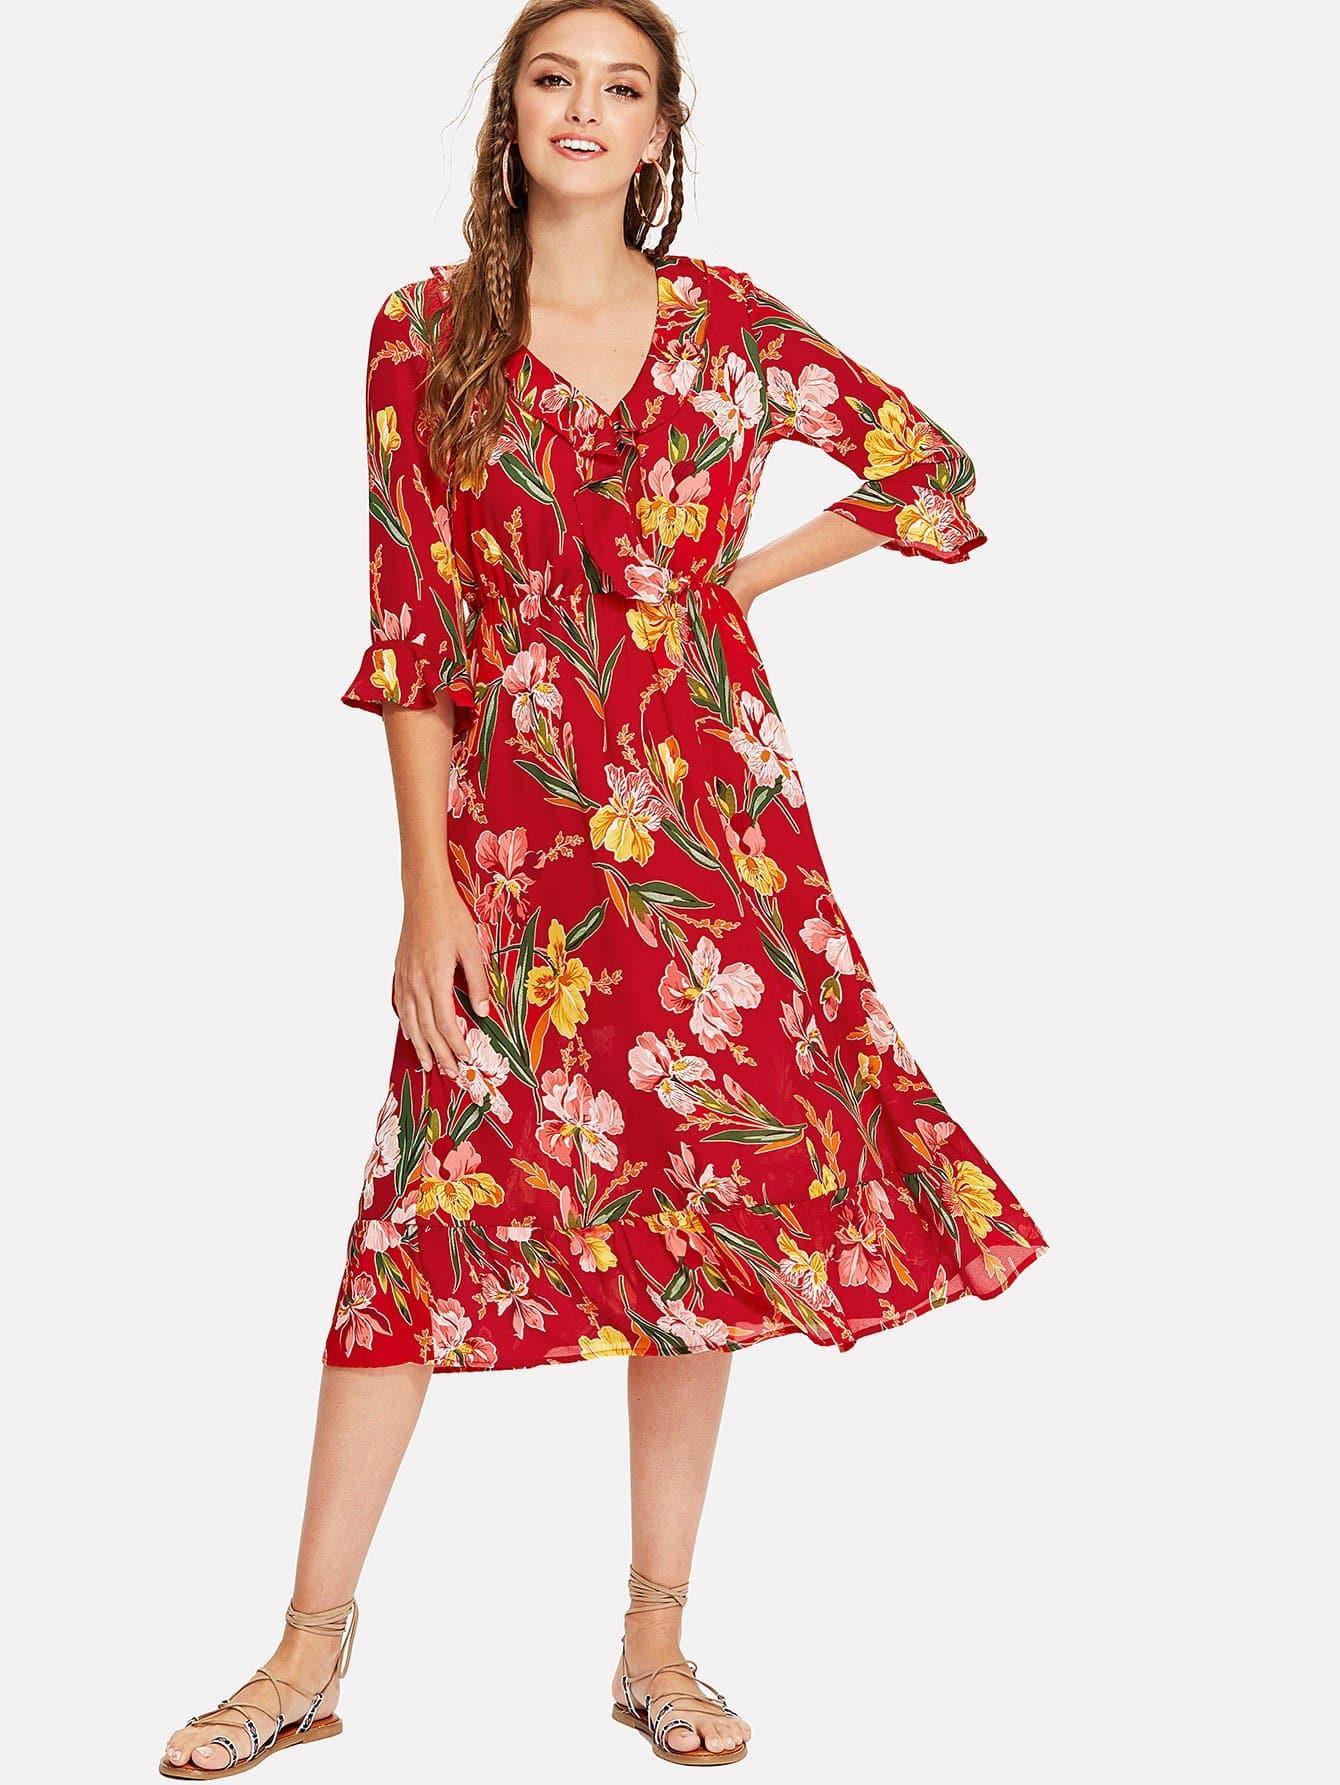 Ruffle Overlap Front Trumpet Sleeve Botanical Dress trumpet sleeve botanical print dress